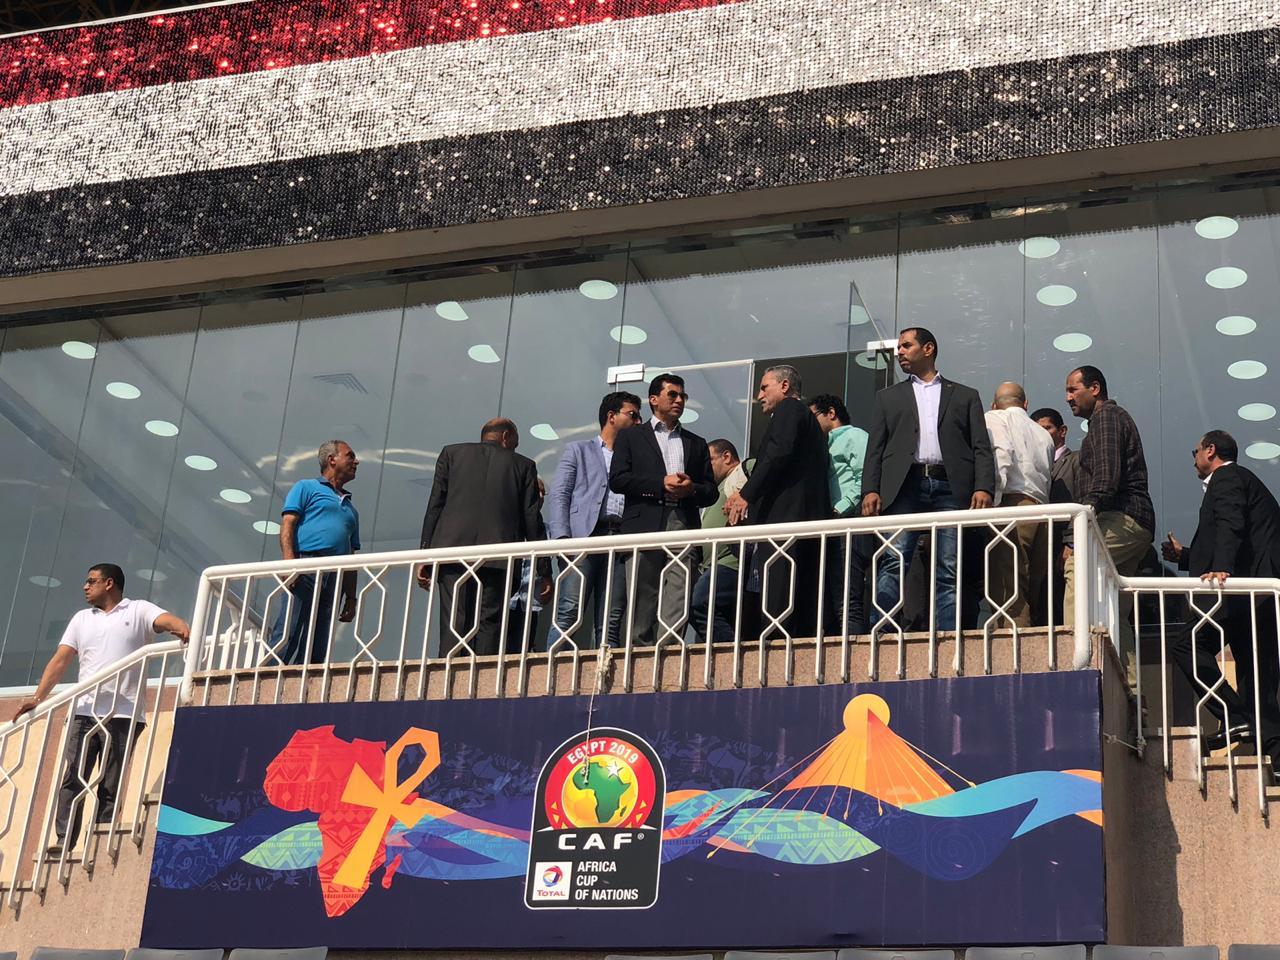 وزير الرياضة يتفقد ستاد الاسماعيلية